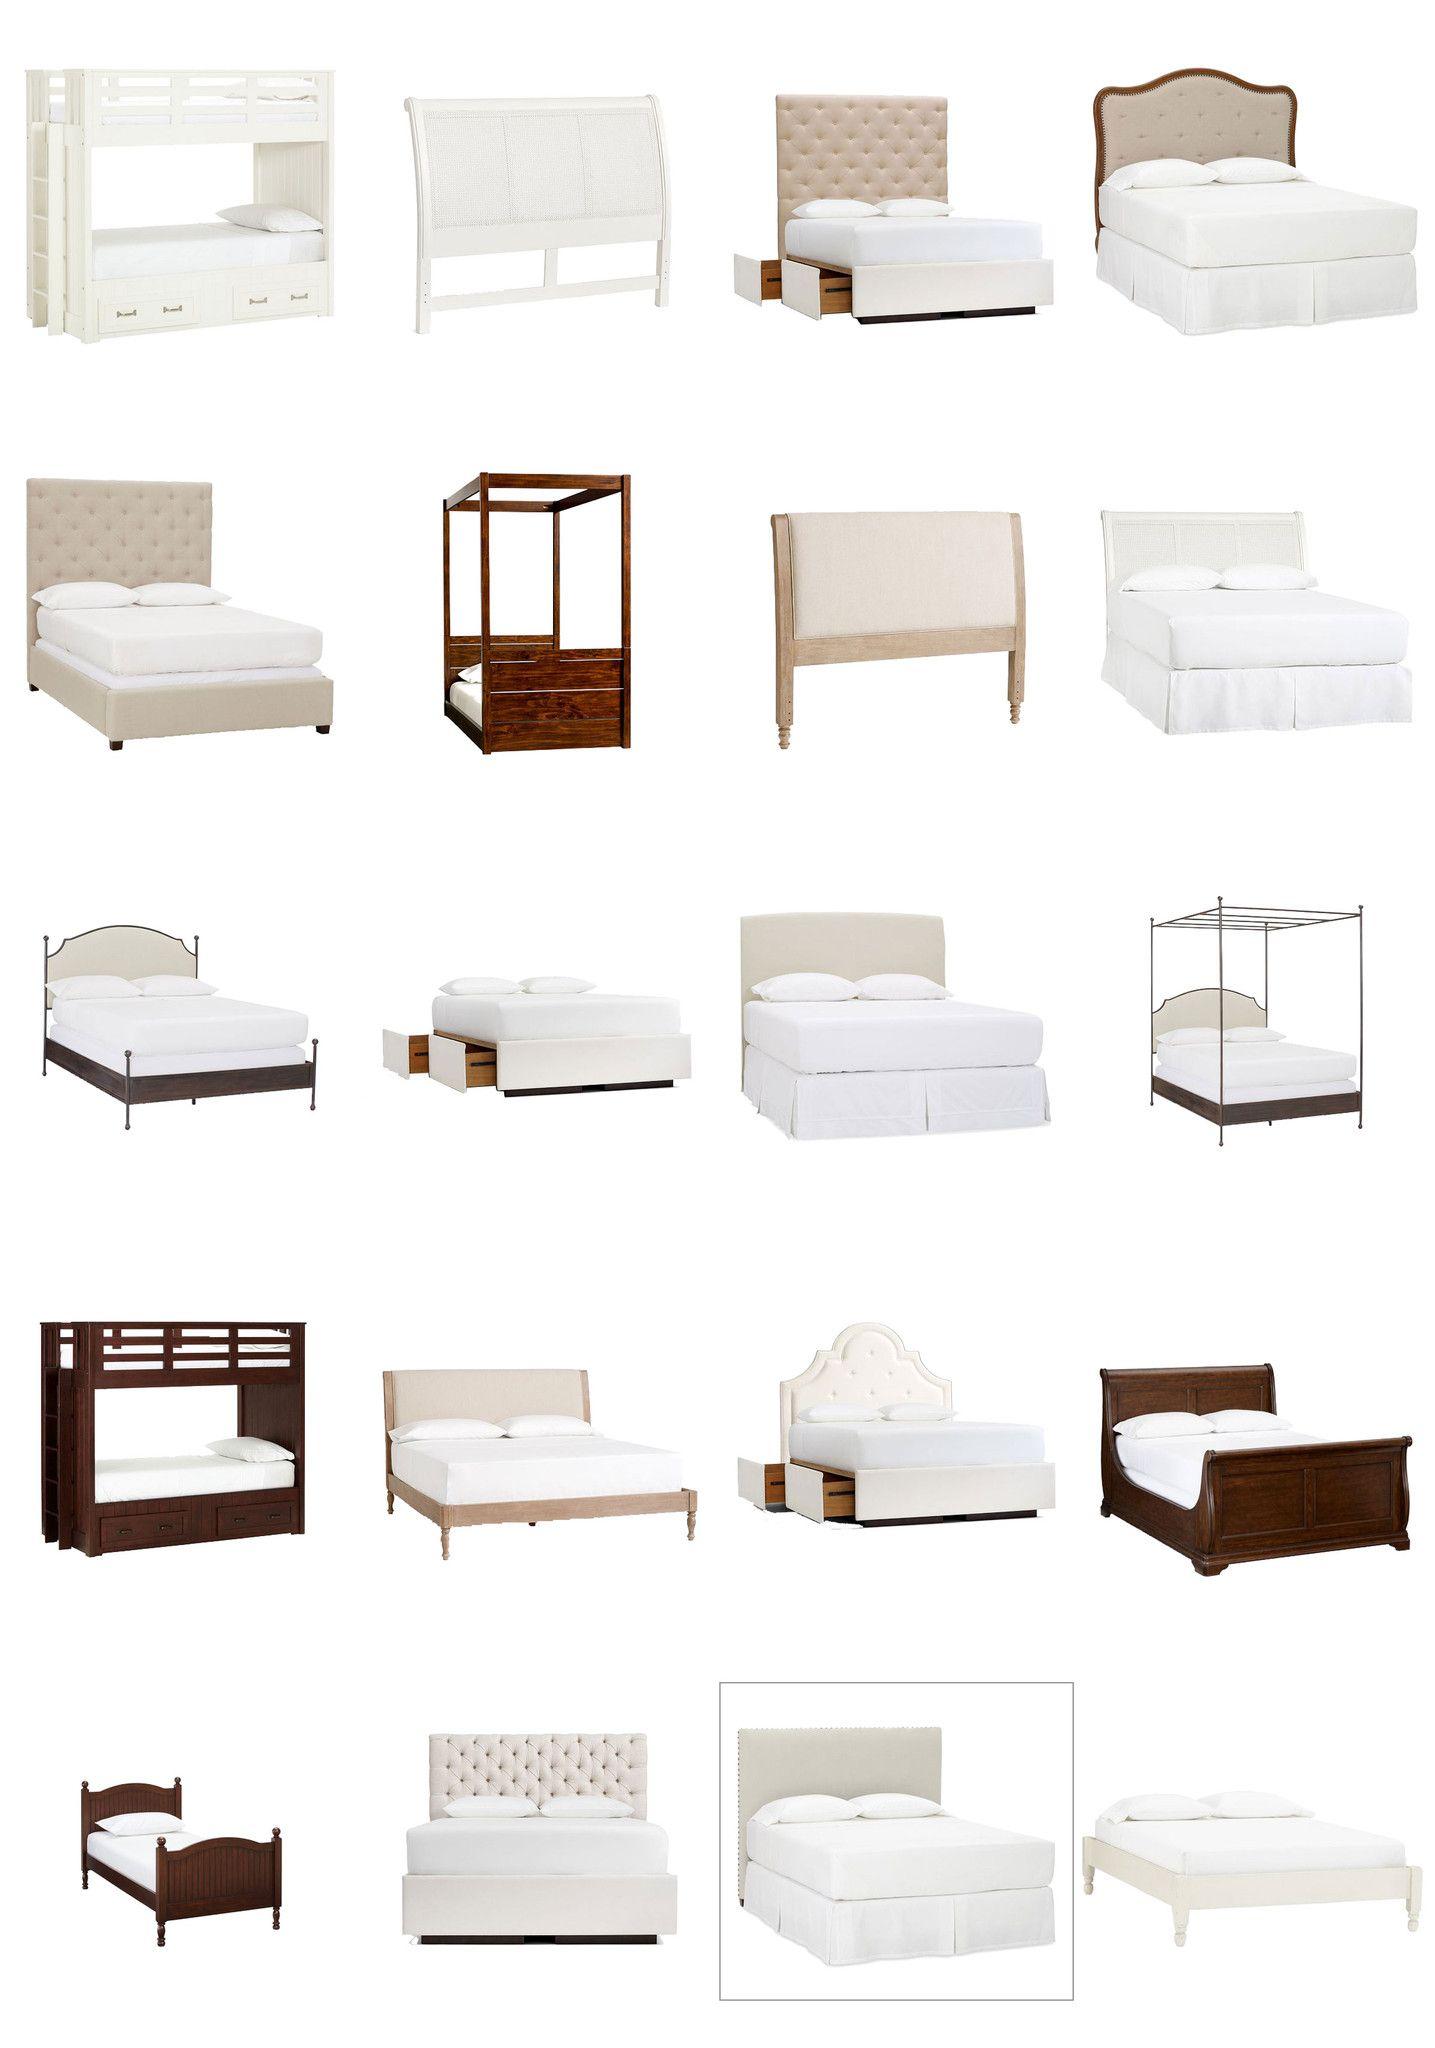 Photoshop PSD Bed Blocks V1 CAD Design Free